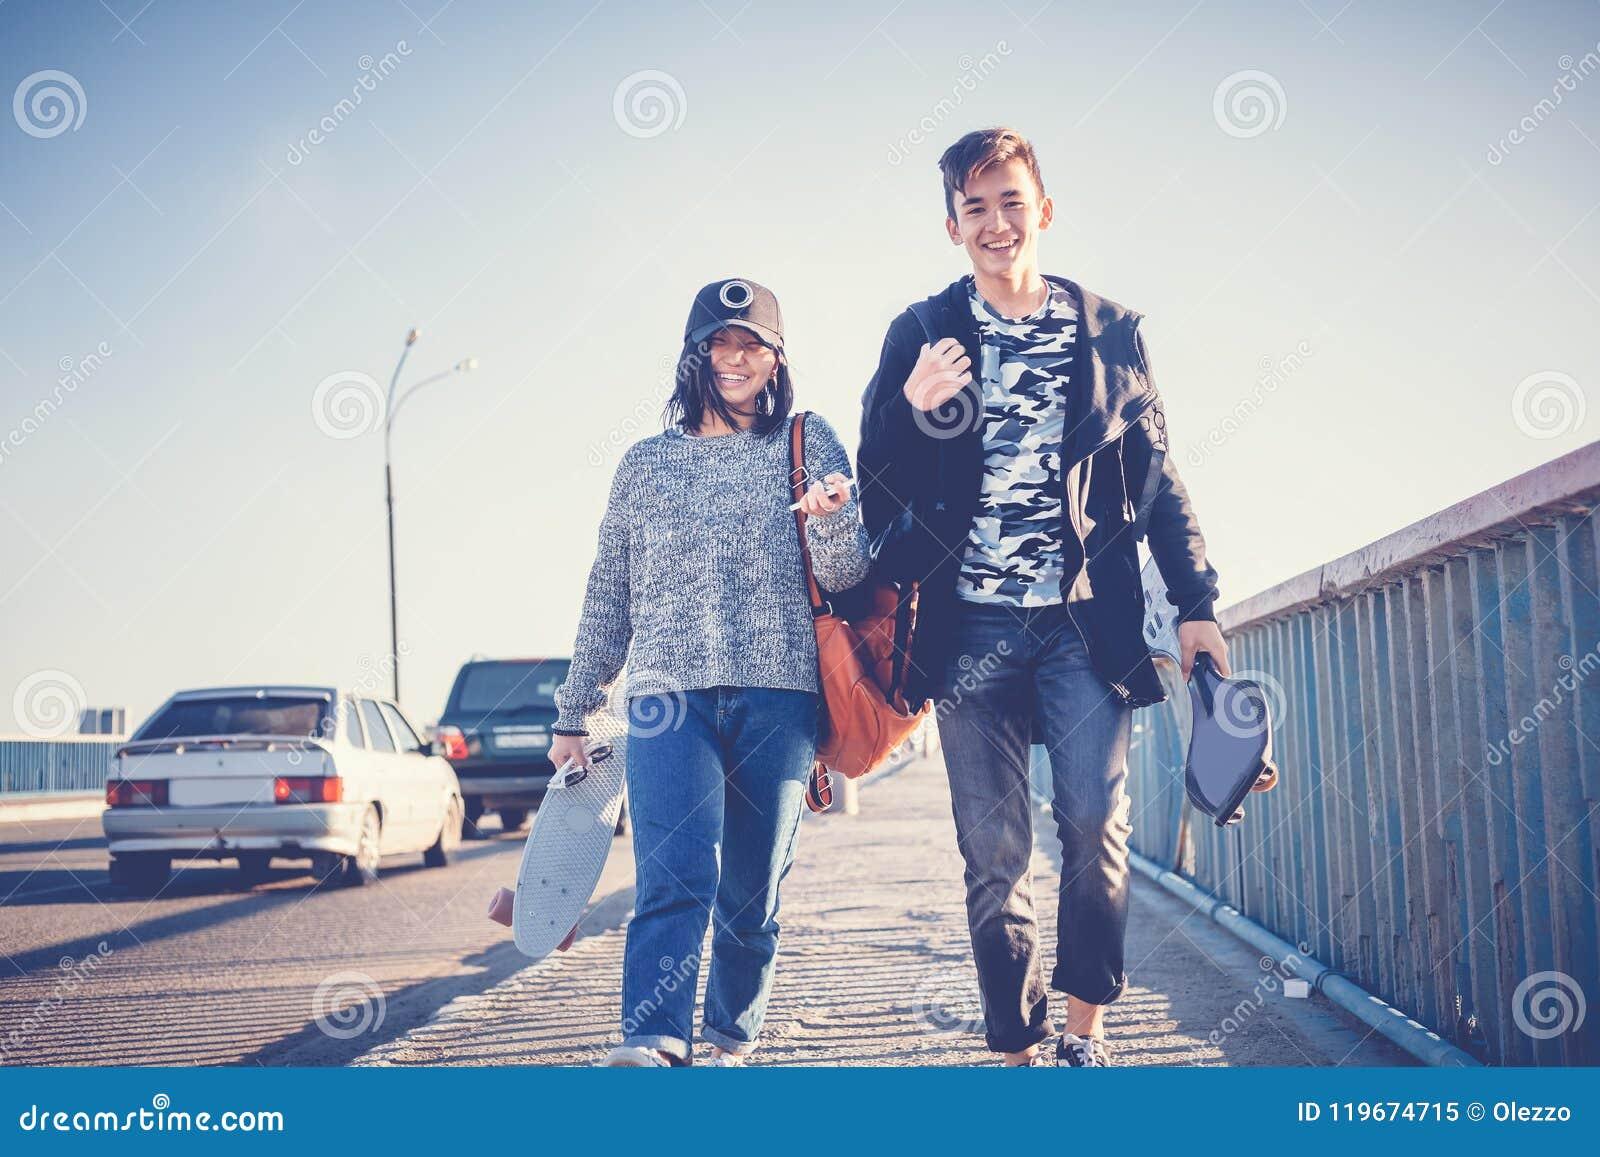 фото подростков девушек 16 лет